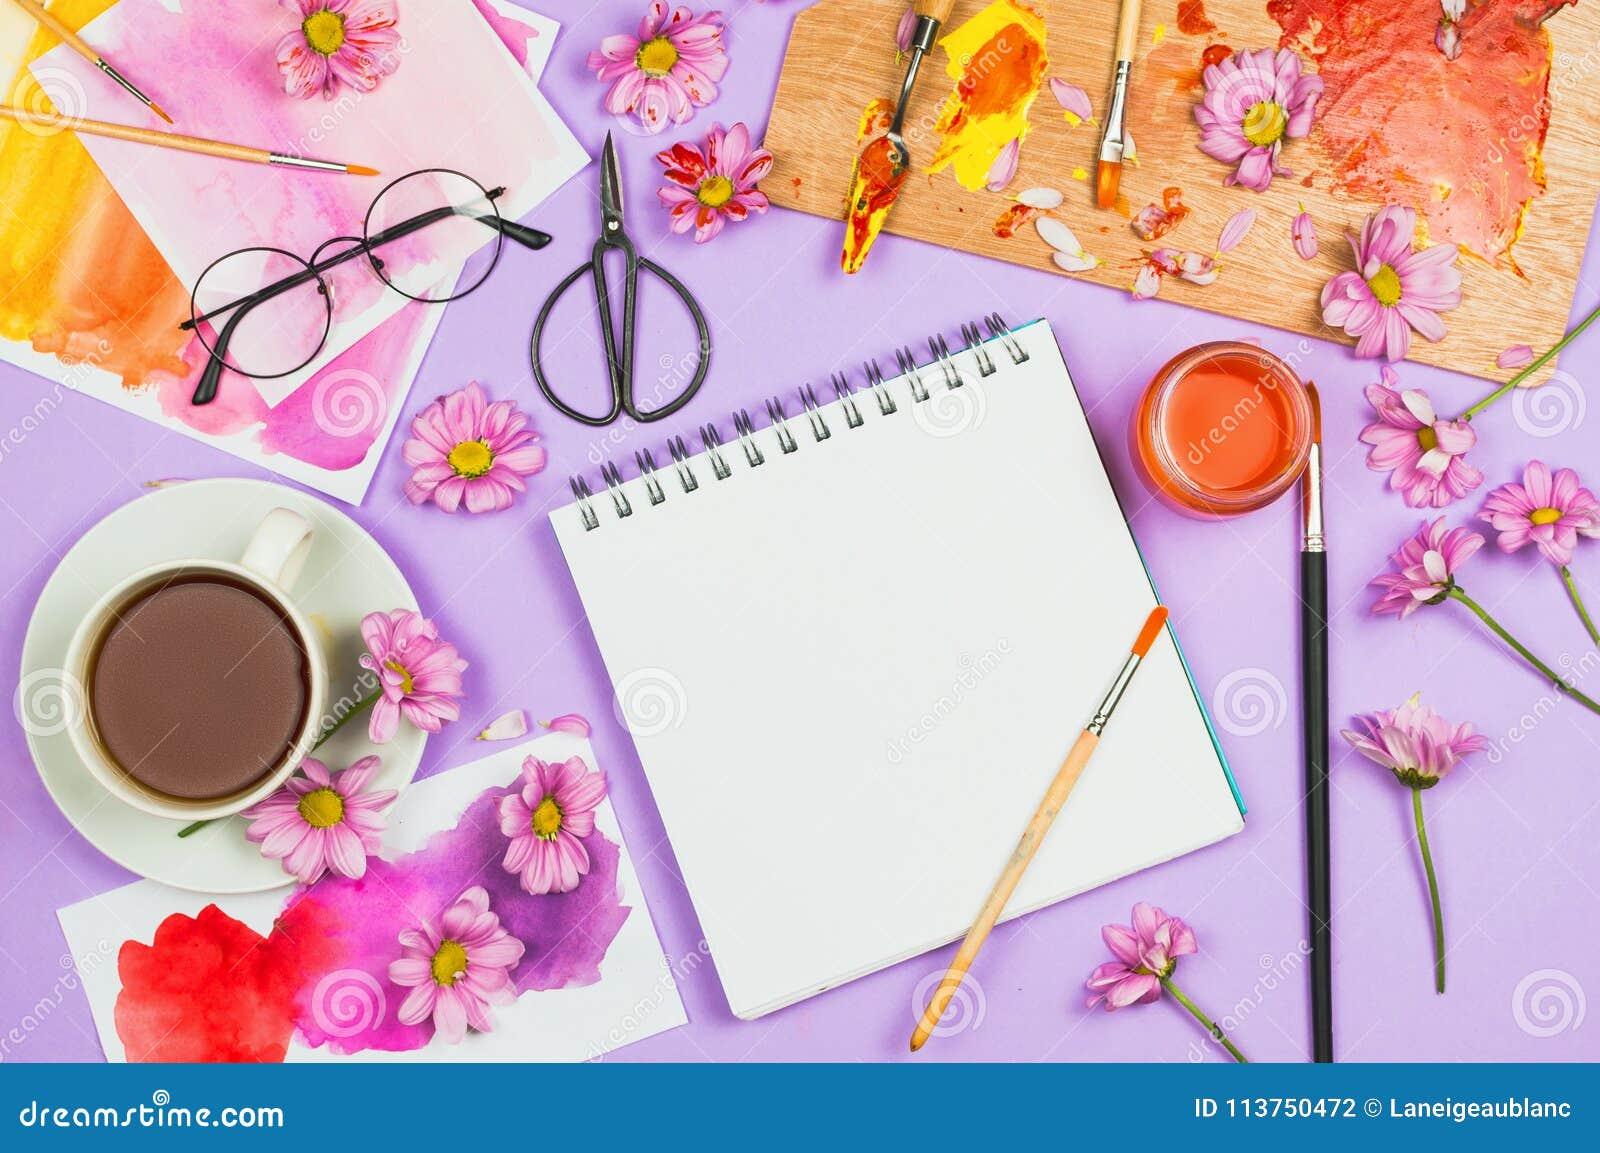 Flatlay met kunstlevering, kunstenaarspalet, glazen, bloemen, kop thee en sketchbook met blanco pagina